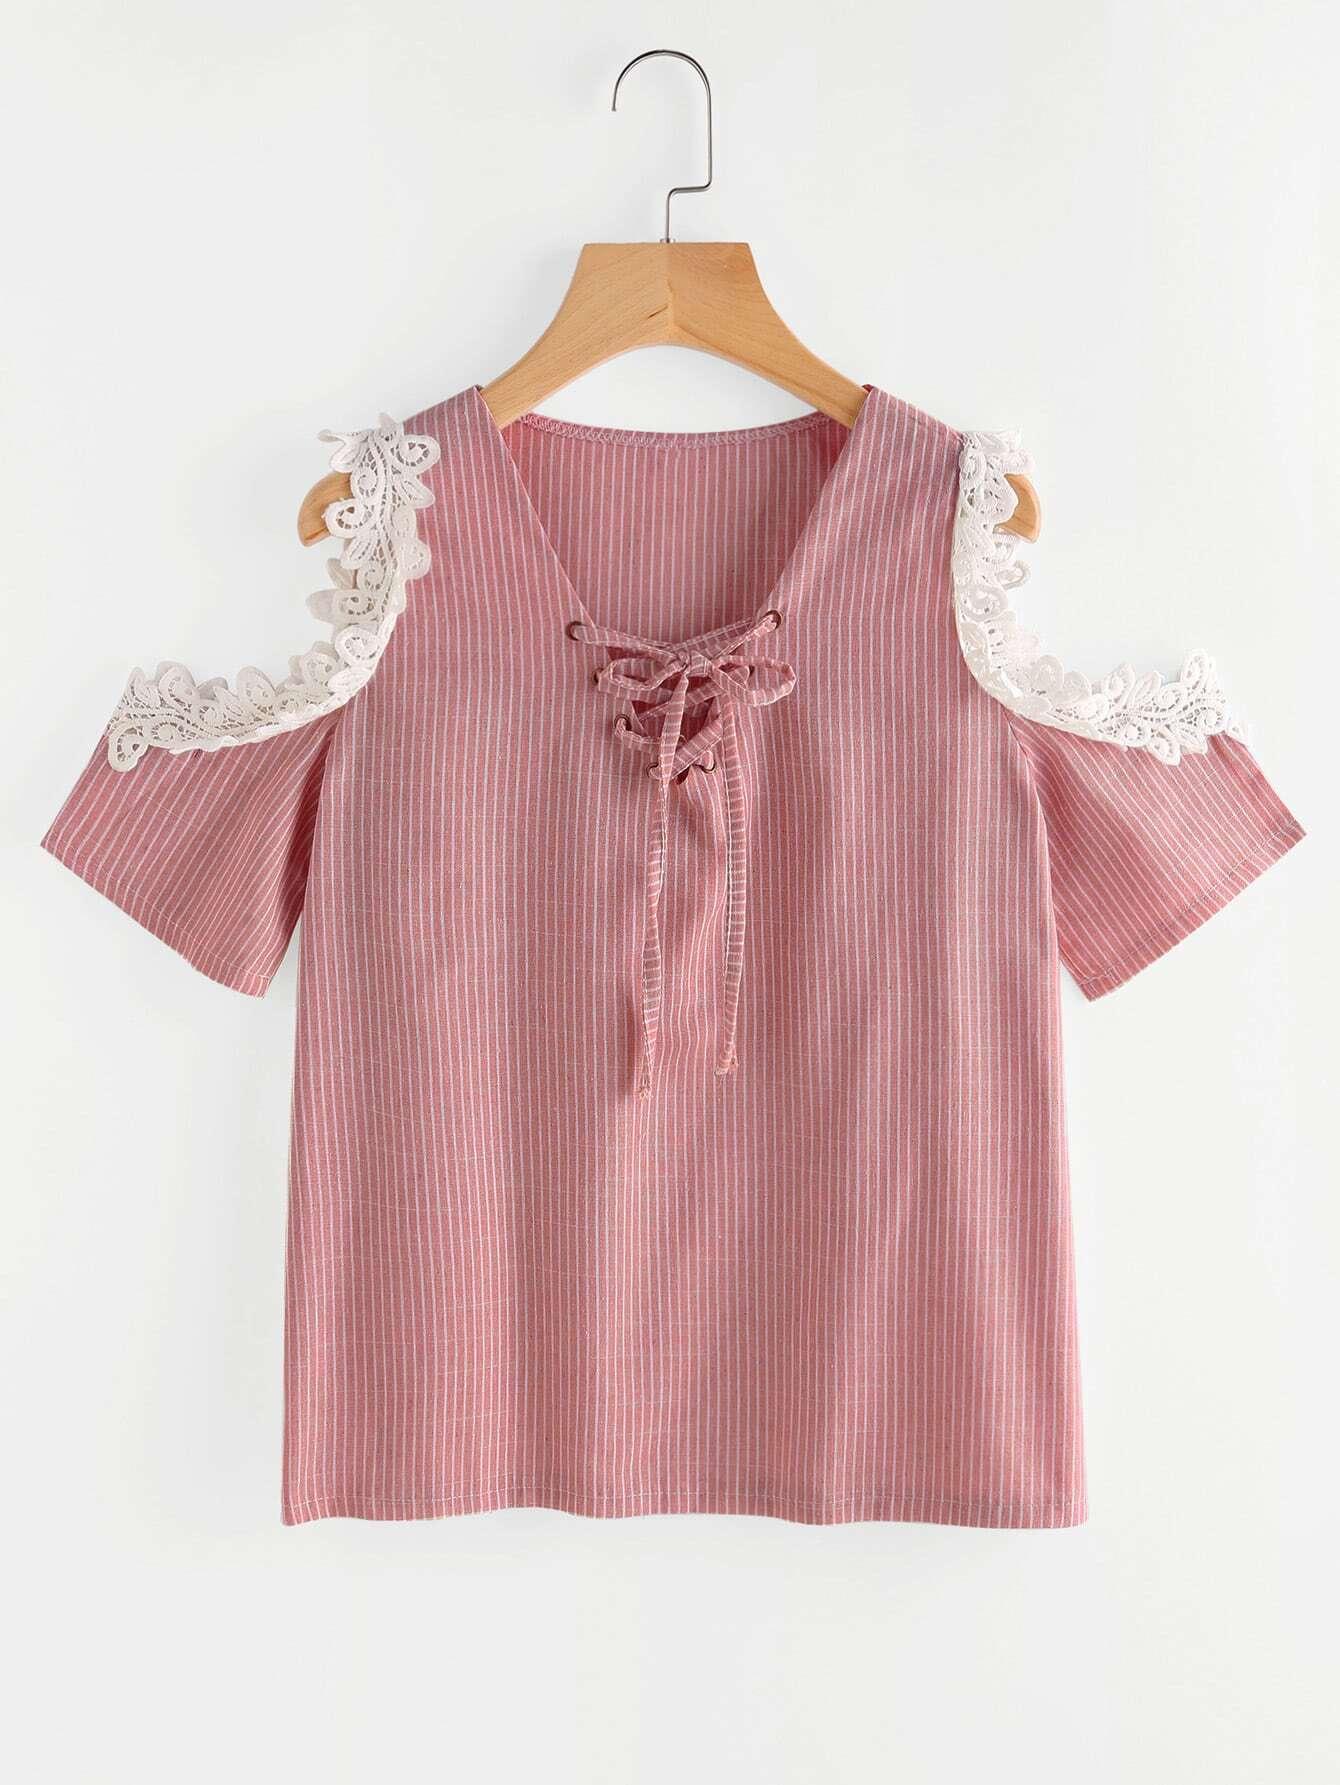 Фото Crochet Applique Trim Open Shoulder Lace Up Pinstriped Top. Купить с доставкой